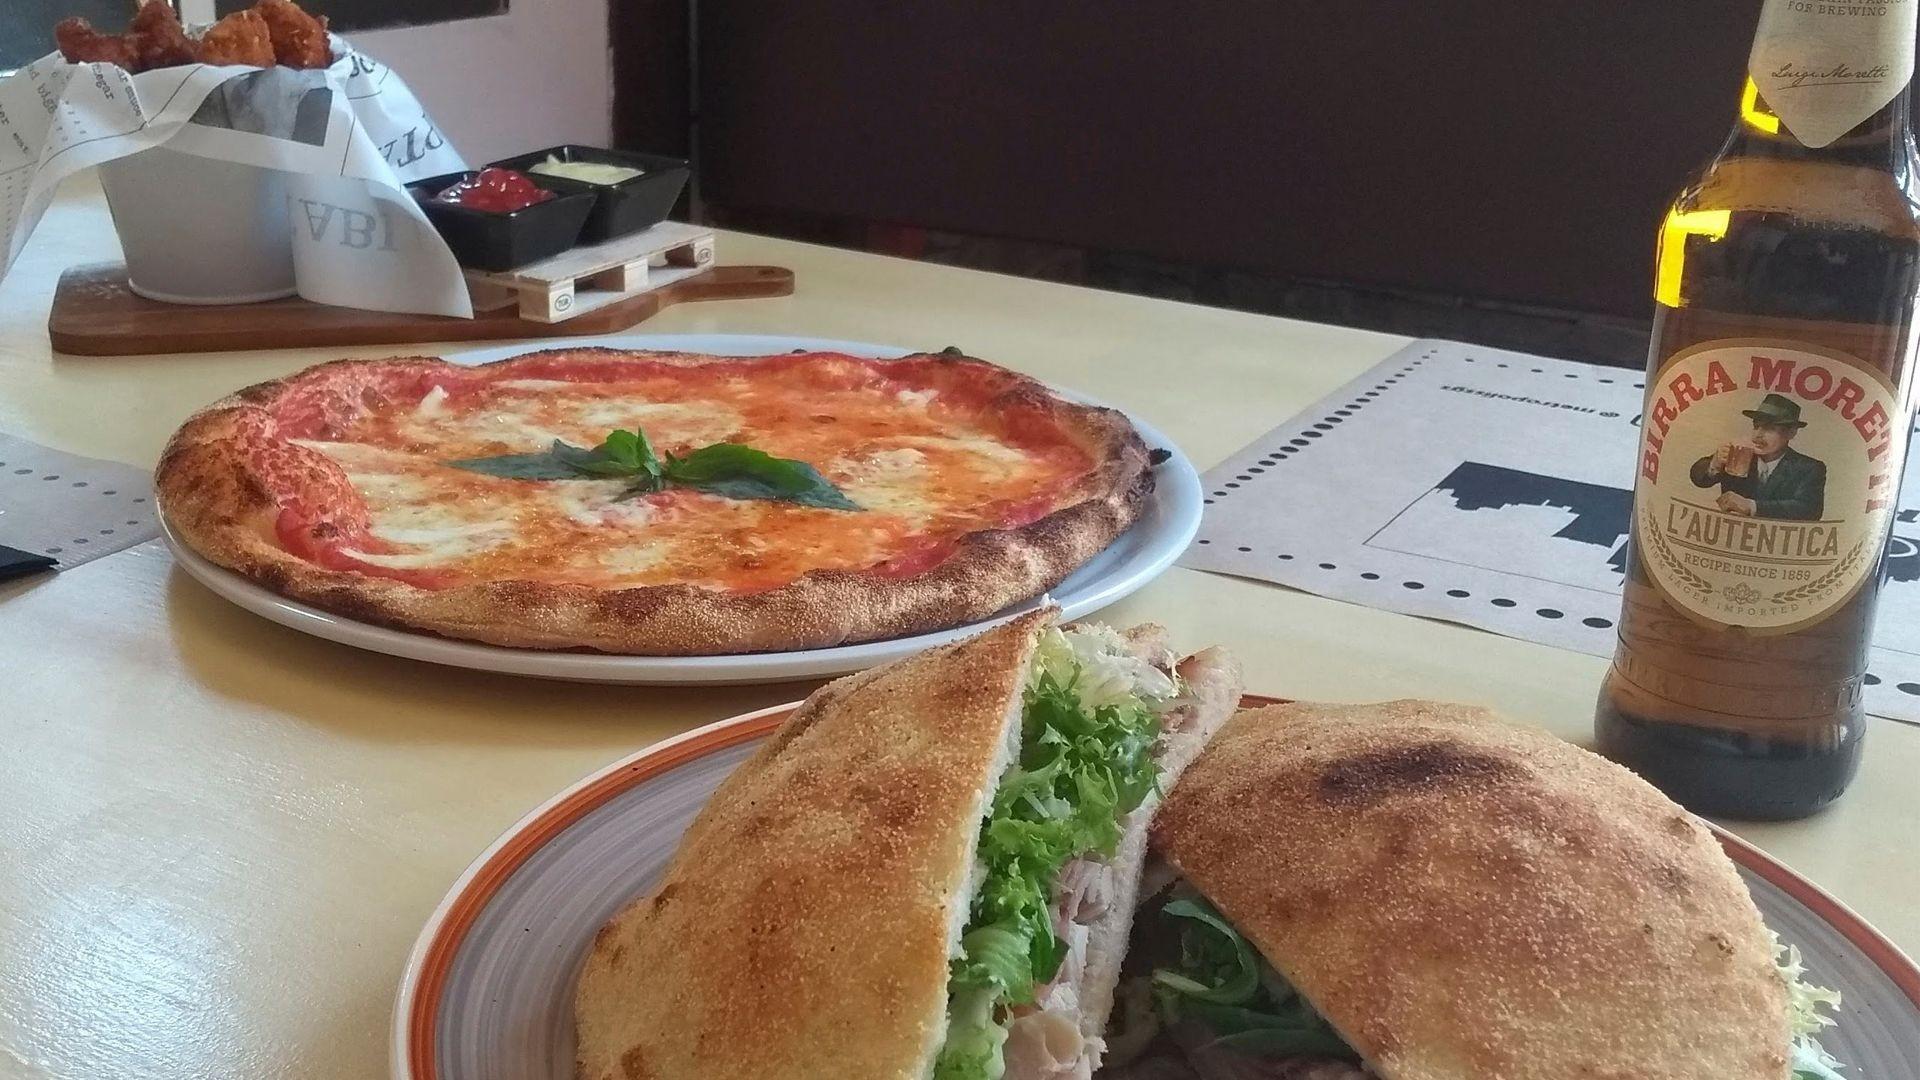 Auténticas pizzas artesanas en Zaragoza